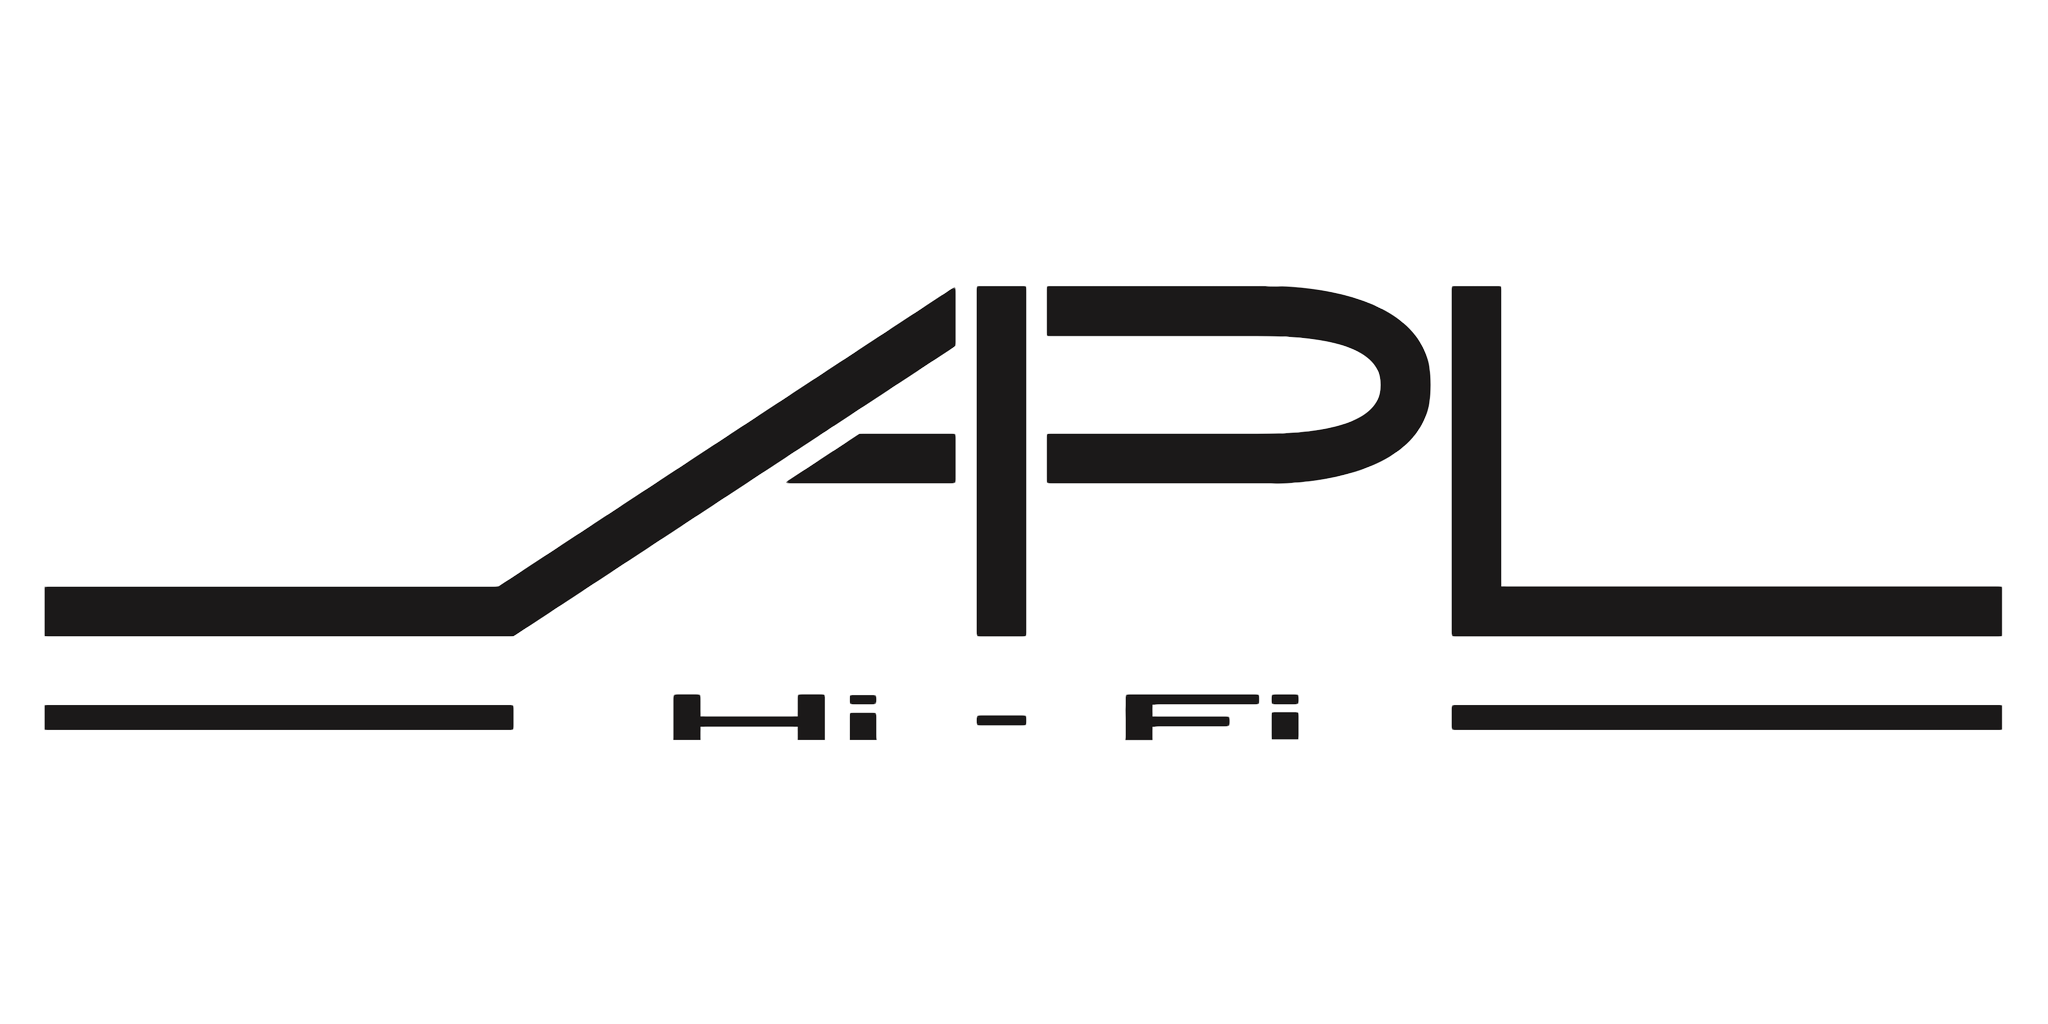 APL Hi-Fi